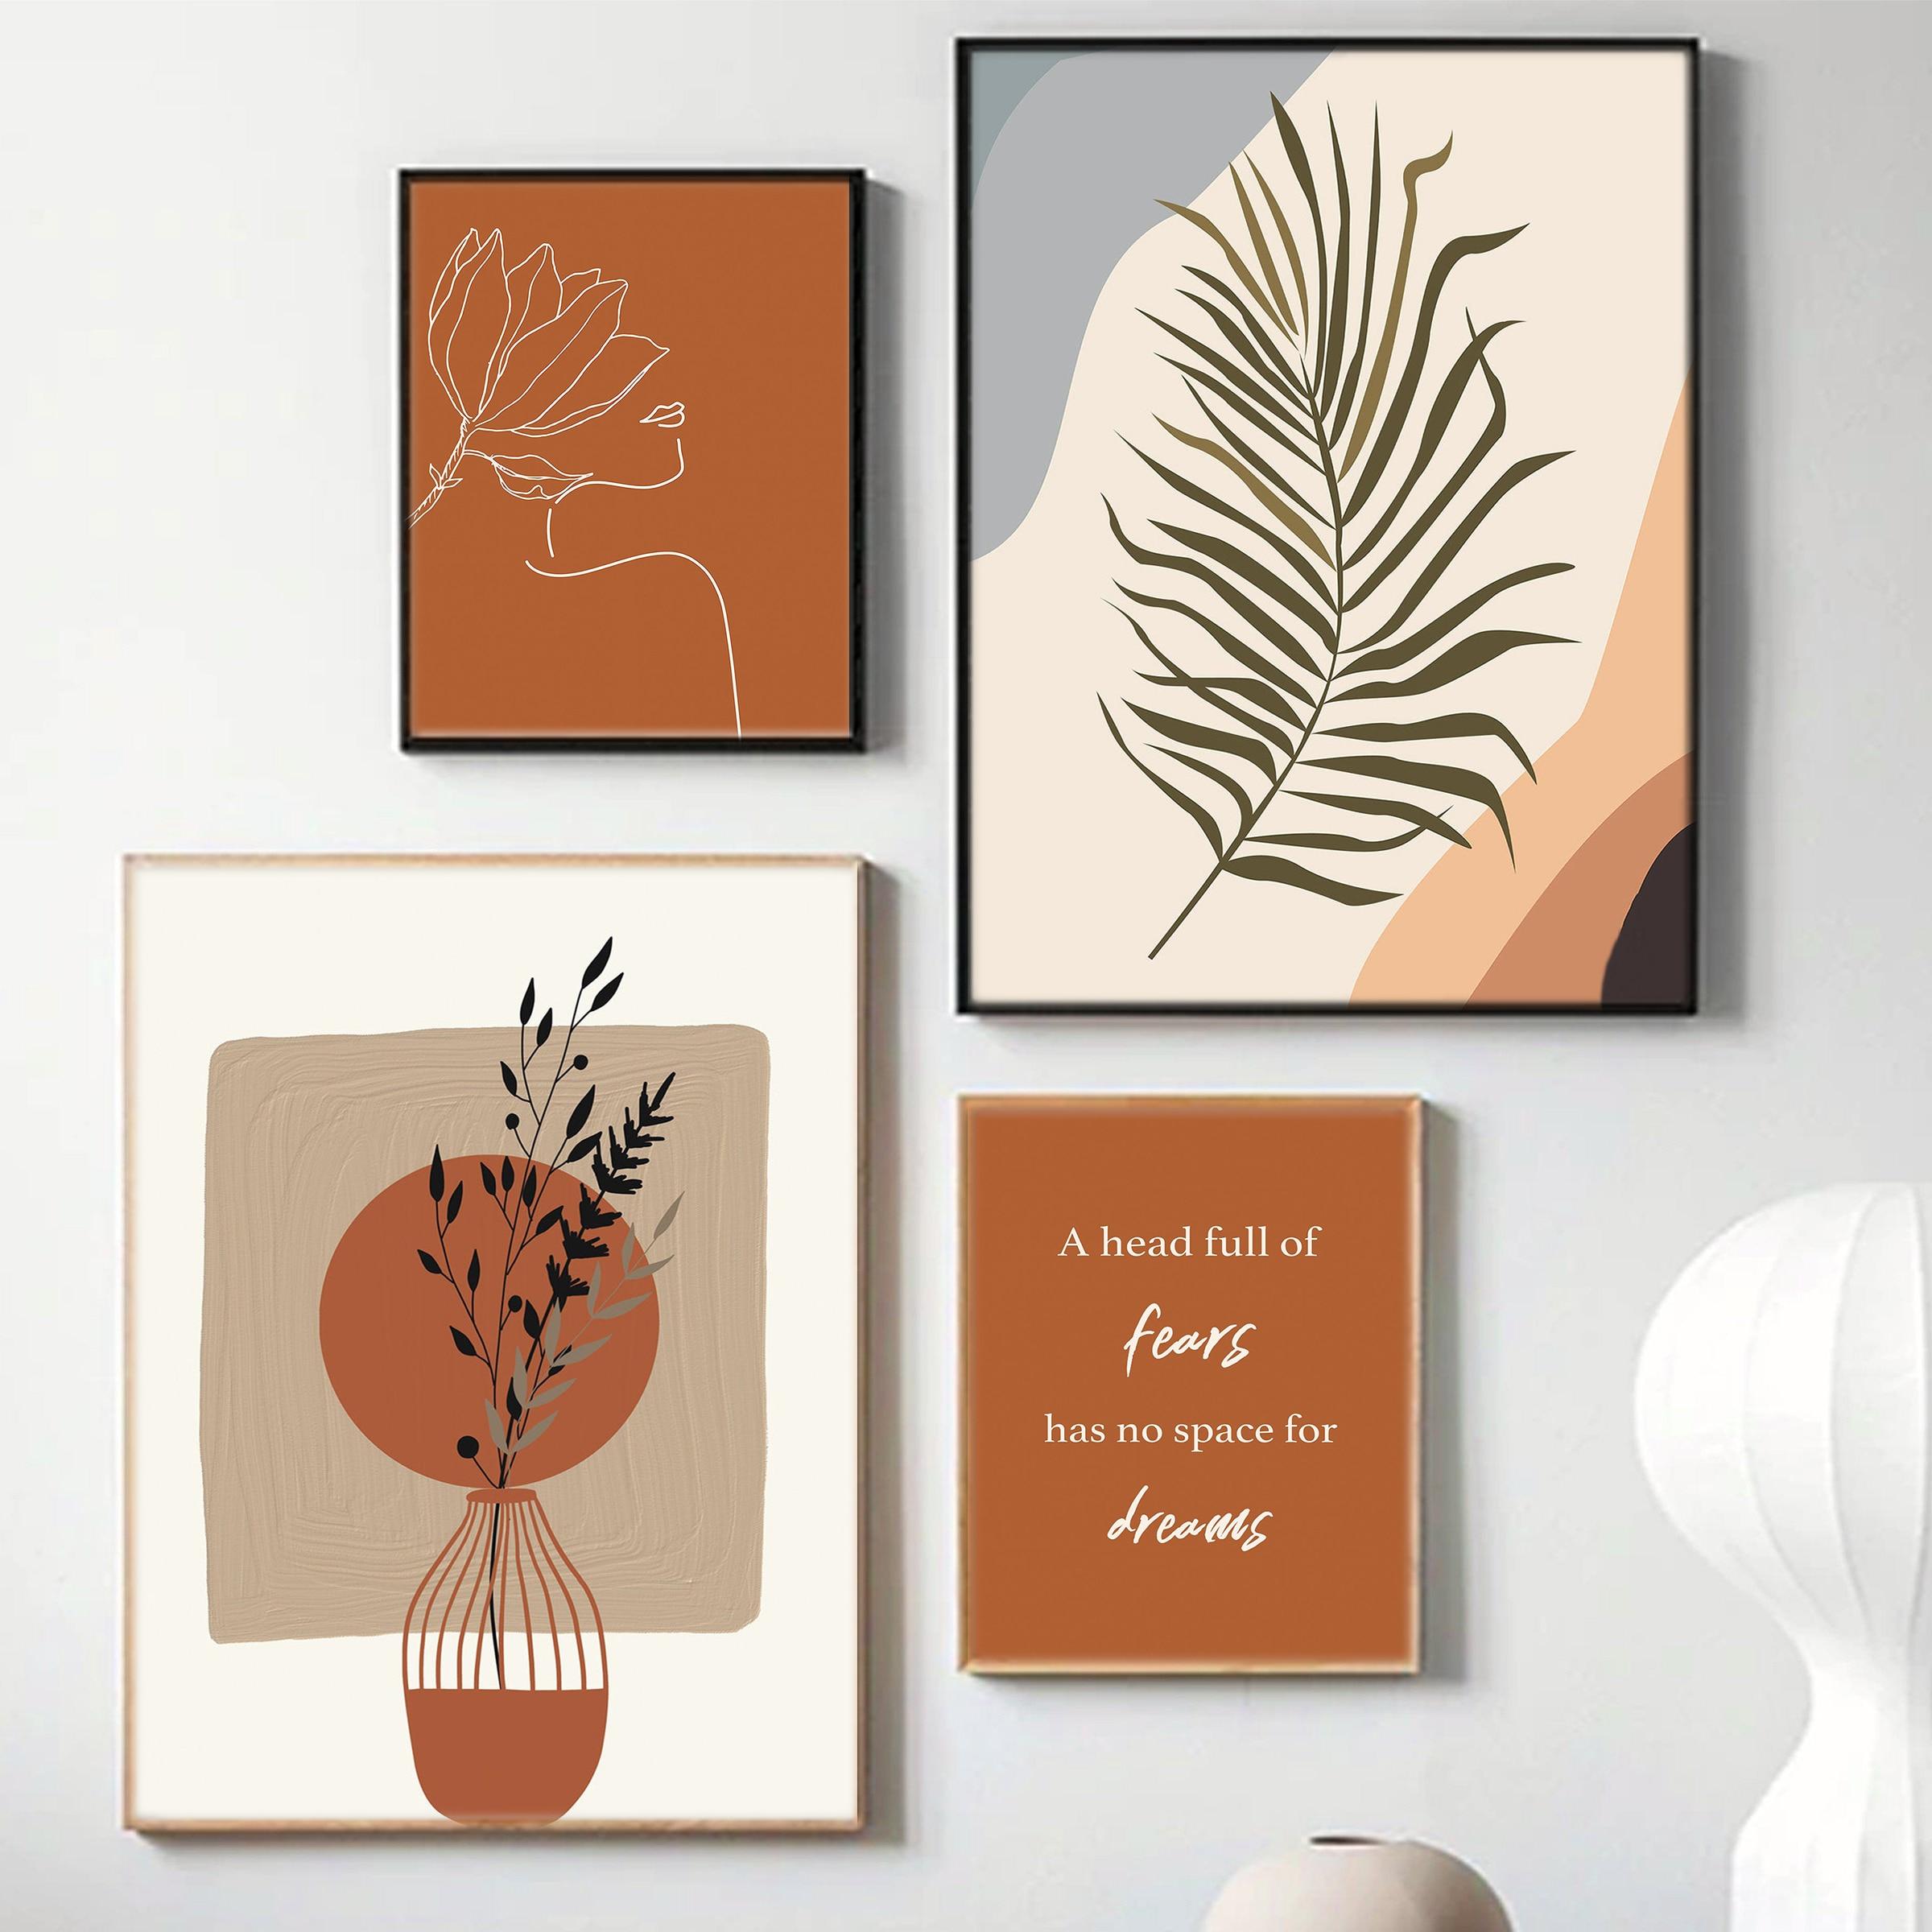 Абстрактная сгоревшая оранжевая настенная Картина на холсте Терракотовая растительная Минималистичная однолинейная картина плакаты с принтом в стиле бохо домашний декор